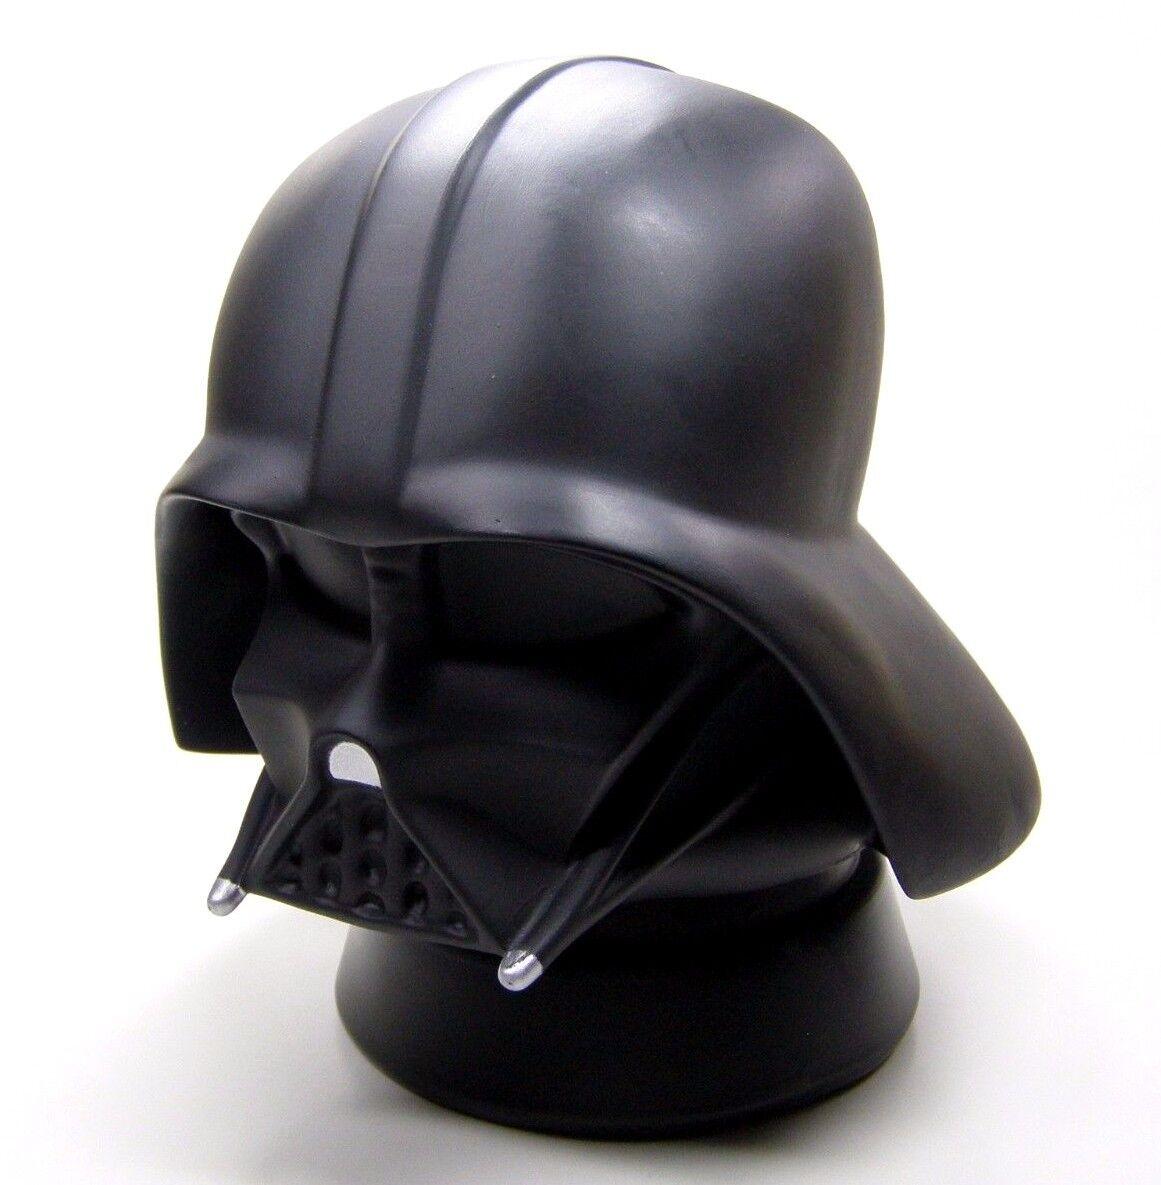 Disney Star Wars Darth Vader 3D Kopf mit Shower Gel Duschgel 300 ml